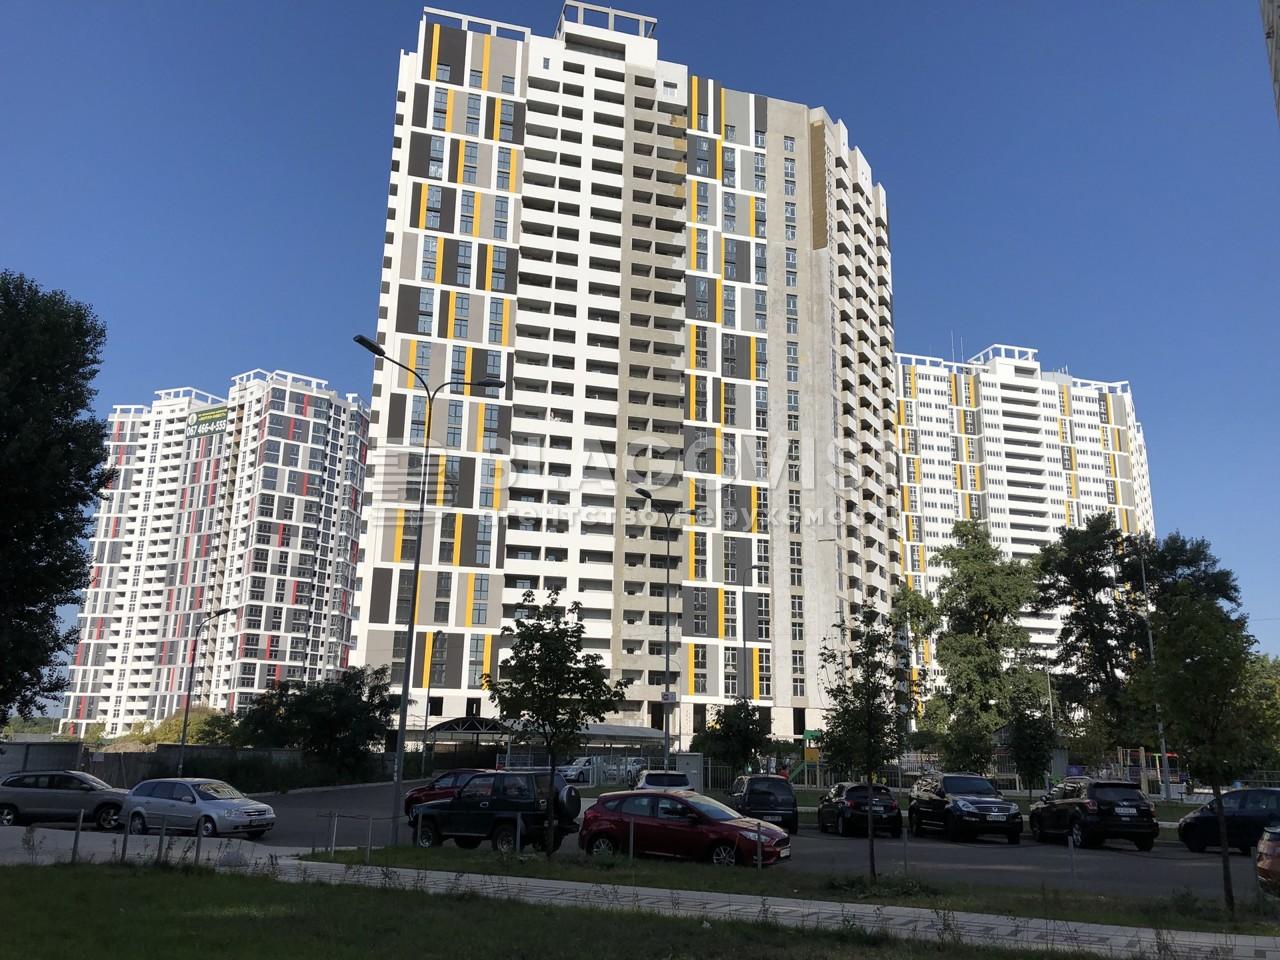 Квартира D-36971, Маланюка Евгения (Сагайдака Степана), 101 корпус 22-25, Киев - Фото 2